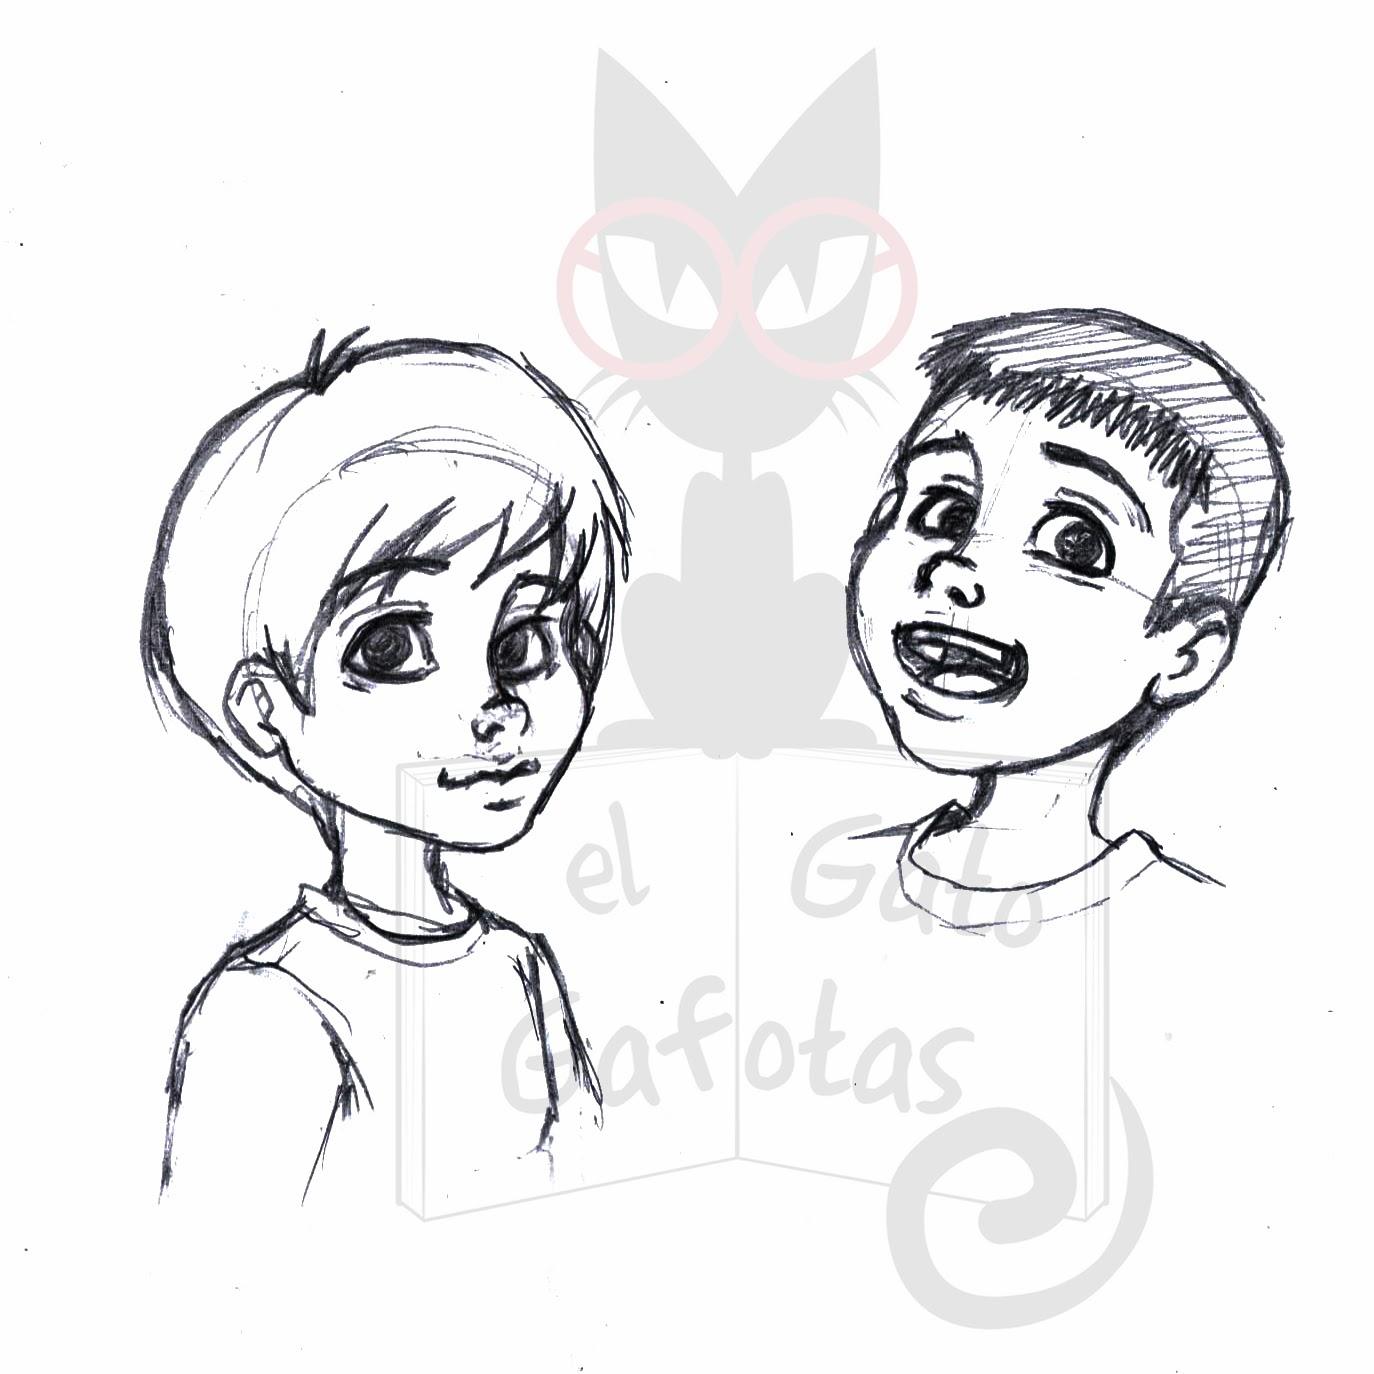 Excepcional Bocetos Para Niños Colección de Imágenes - Dibujos de ...